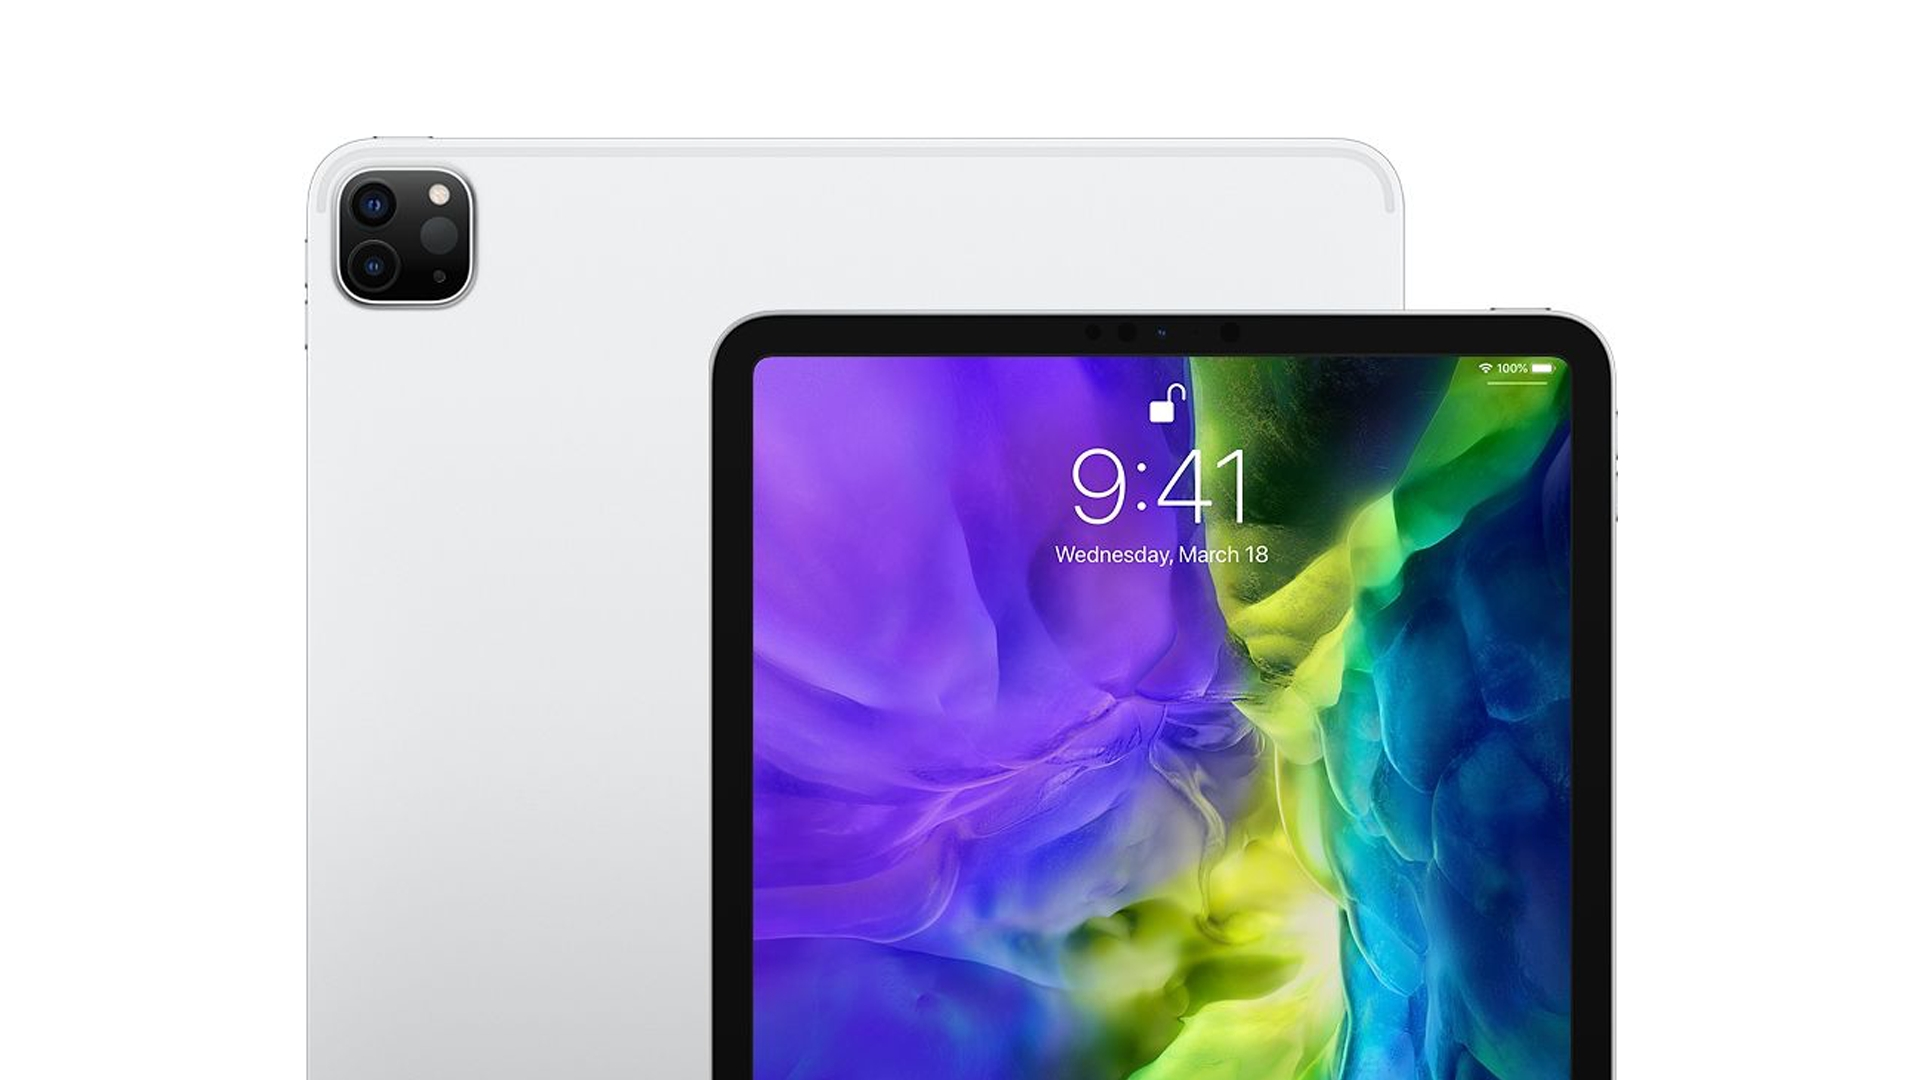 Nový iPad Pro má 6 GB RAM a zřejmě také U1 čip